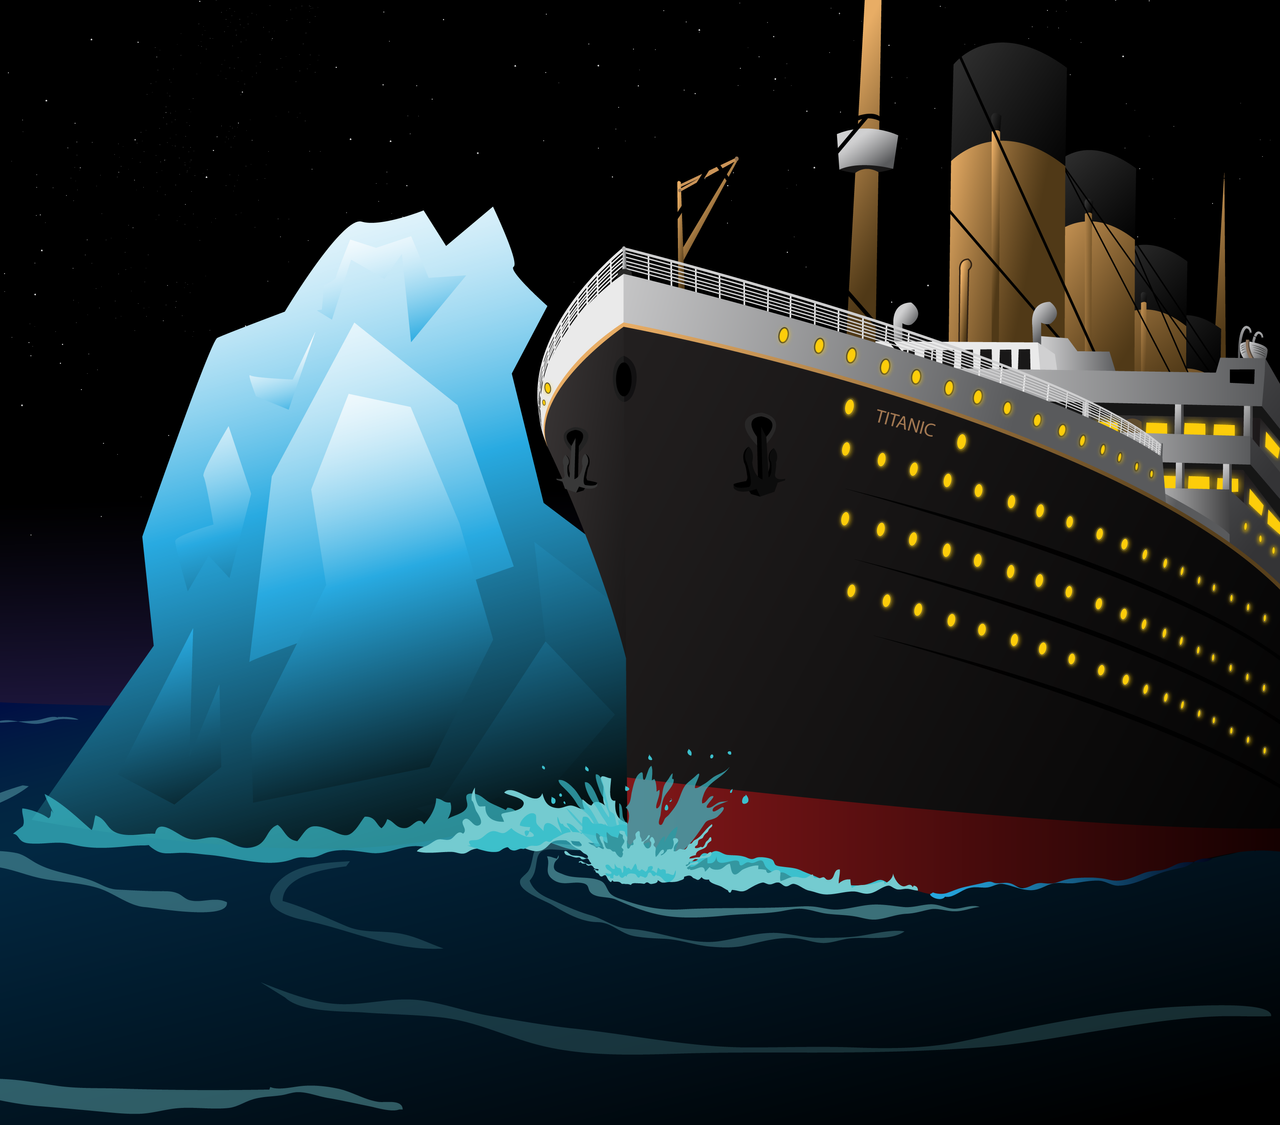 Titanic Wallpaper: RMS Titanic By Icaron On DeviantArt